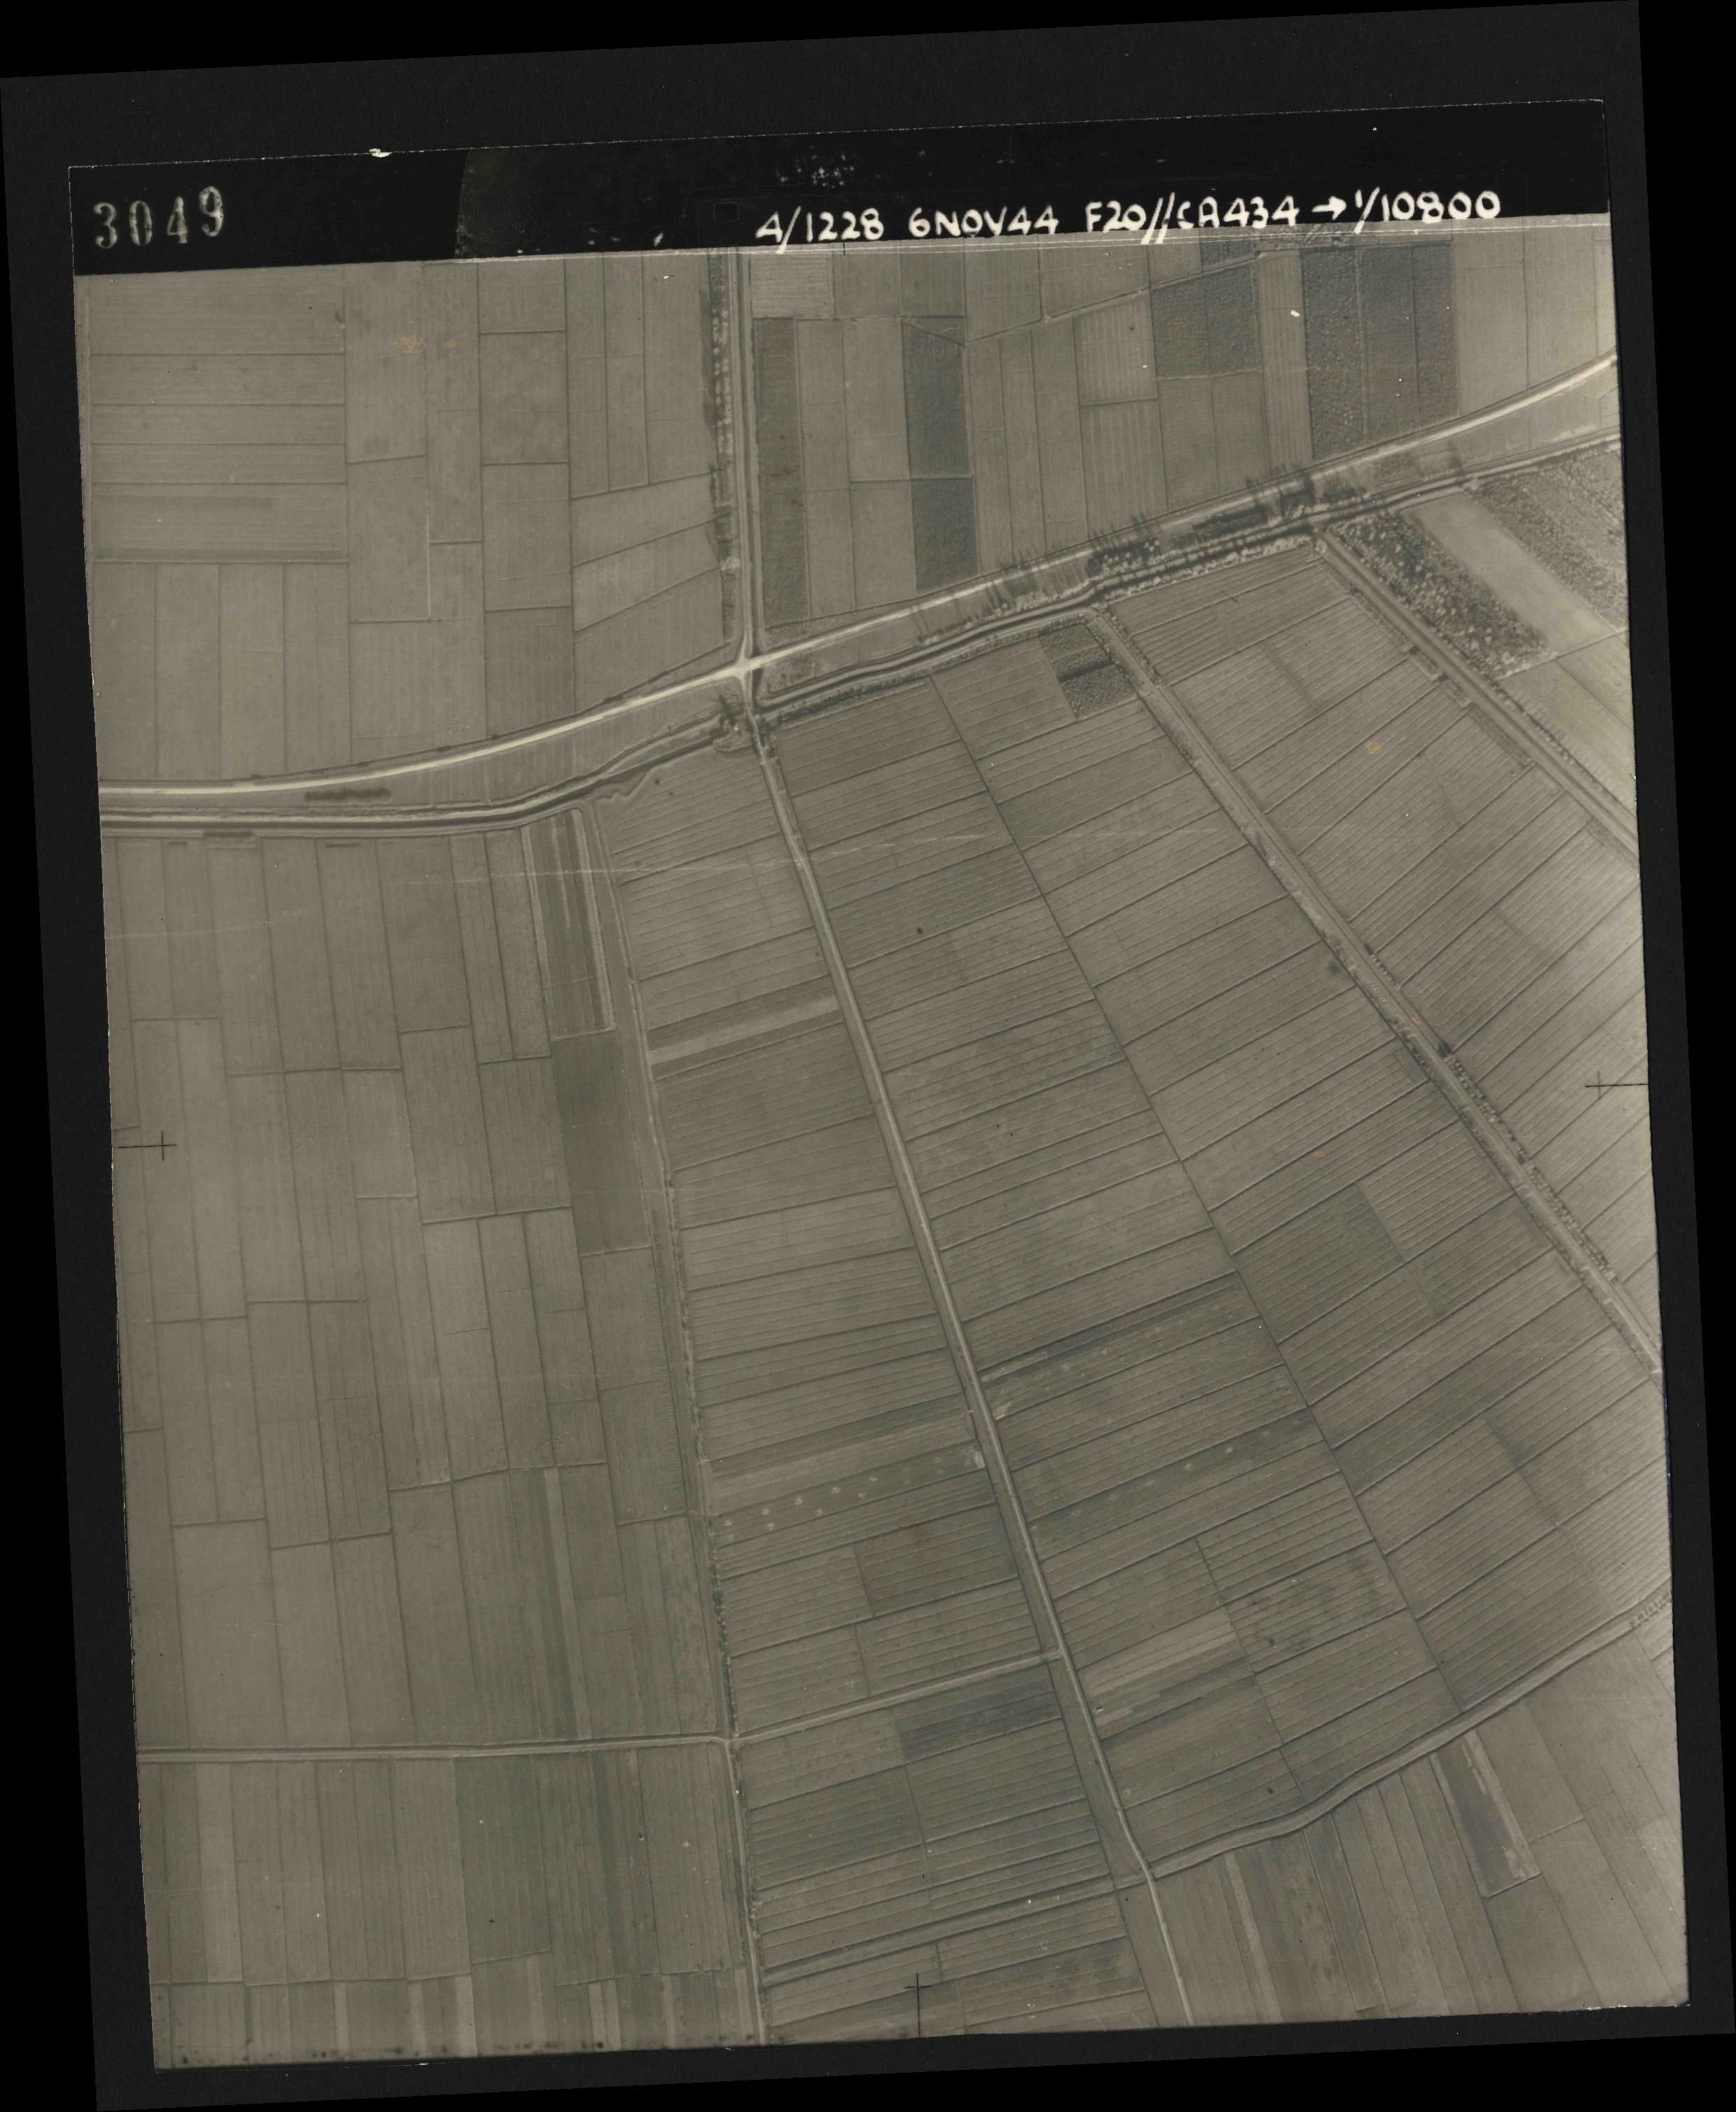 Collection RAF aerial photos 1940-1945 - flight 005, run 02, photo 3049